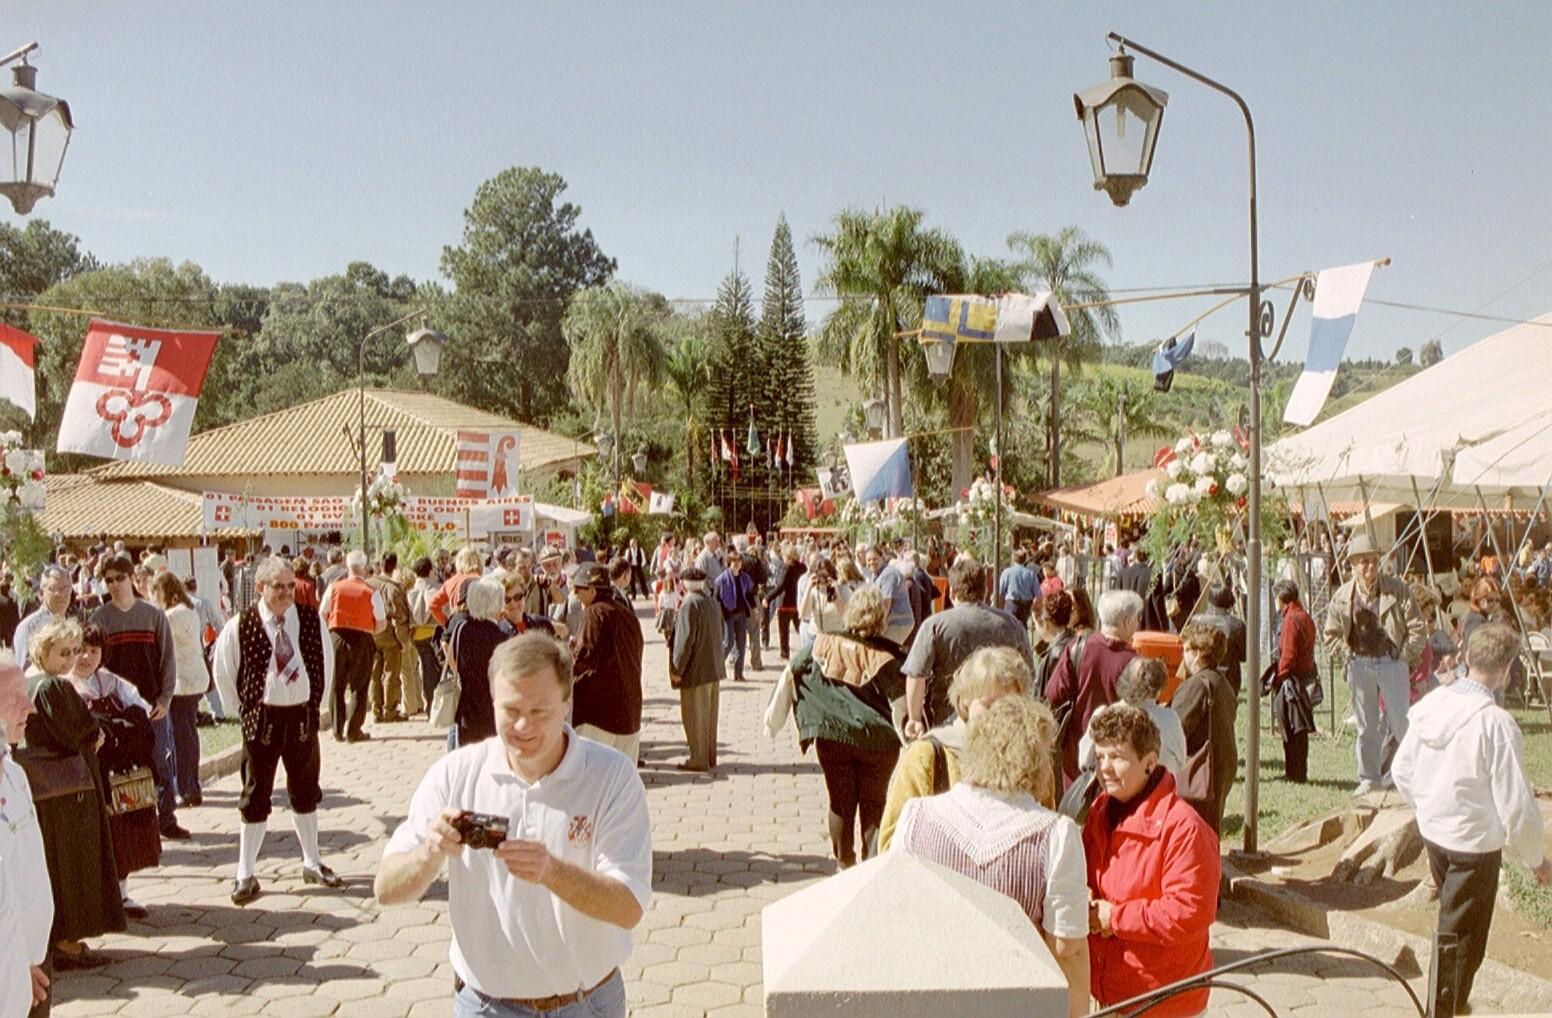 Für den 1. August wurde der Dorfplatz herausgeputzt